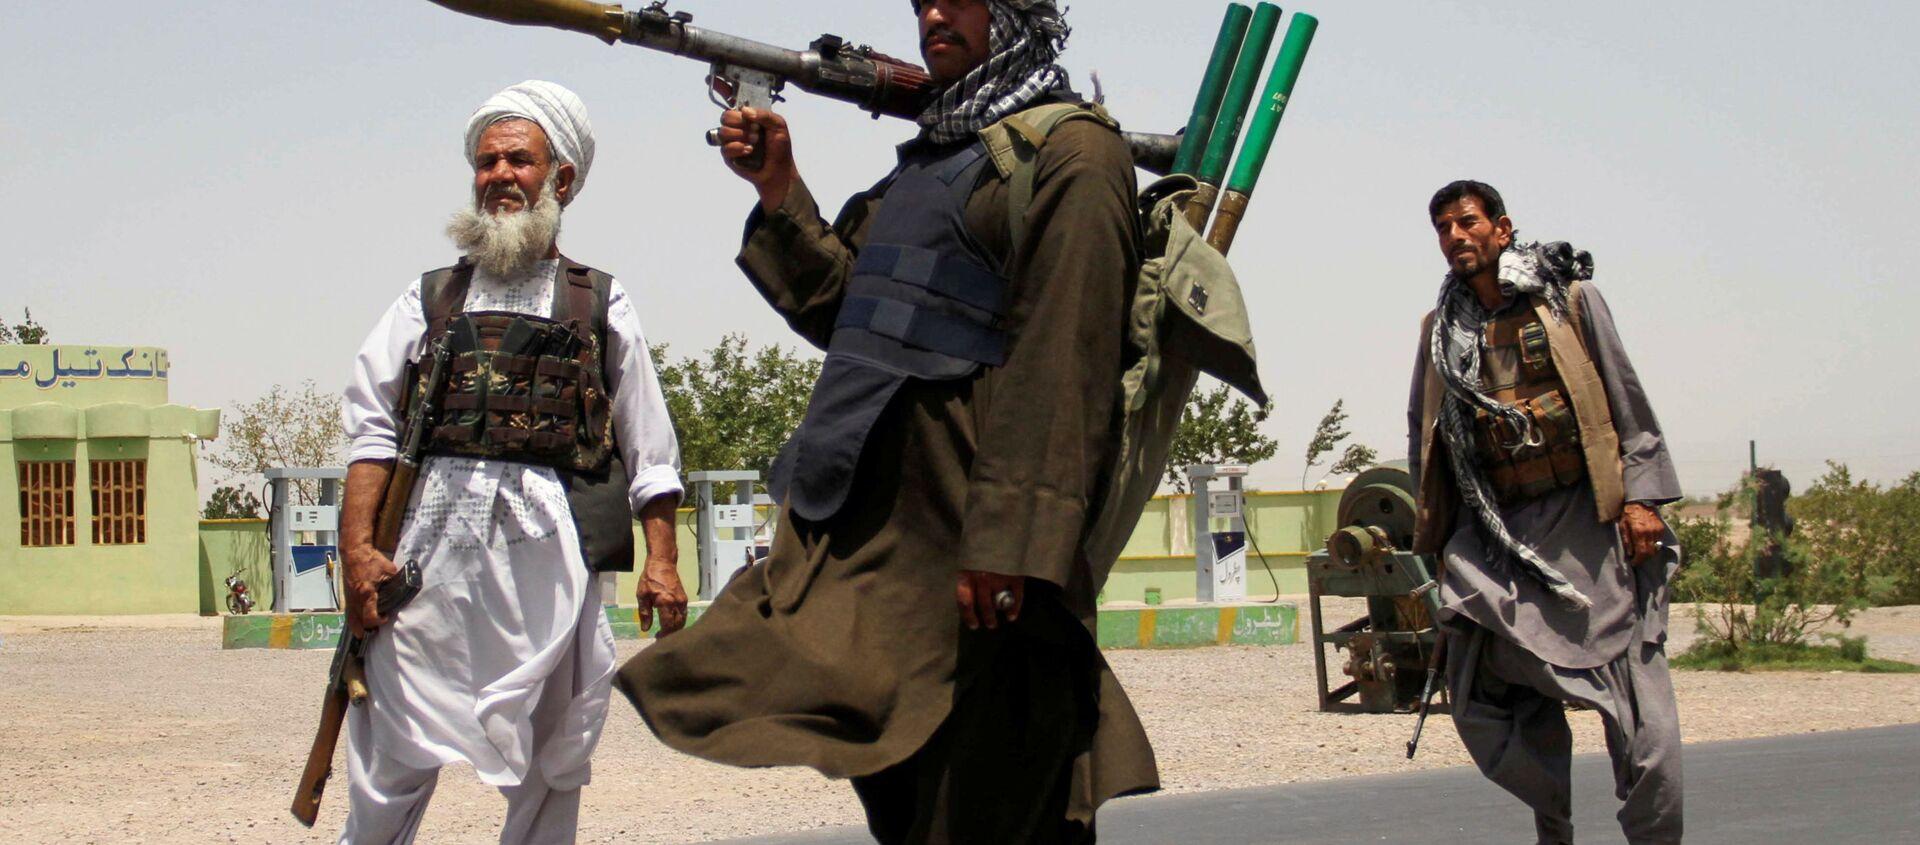 Cựu mujahideen khi giúp quân đội Afghanistan trong cuộc chiến chống lại Taliban - Sputnik Việt Nam, 1920, 22.07.2021